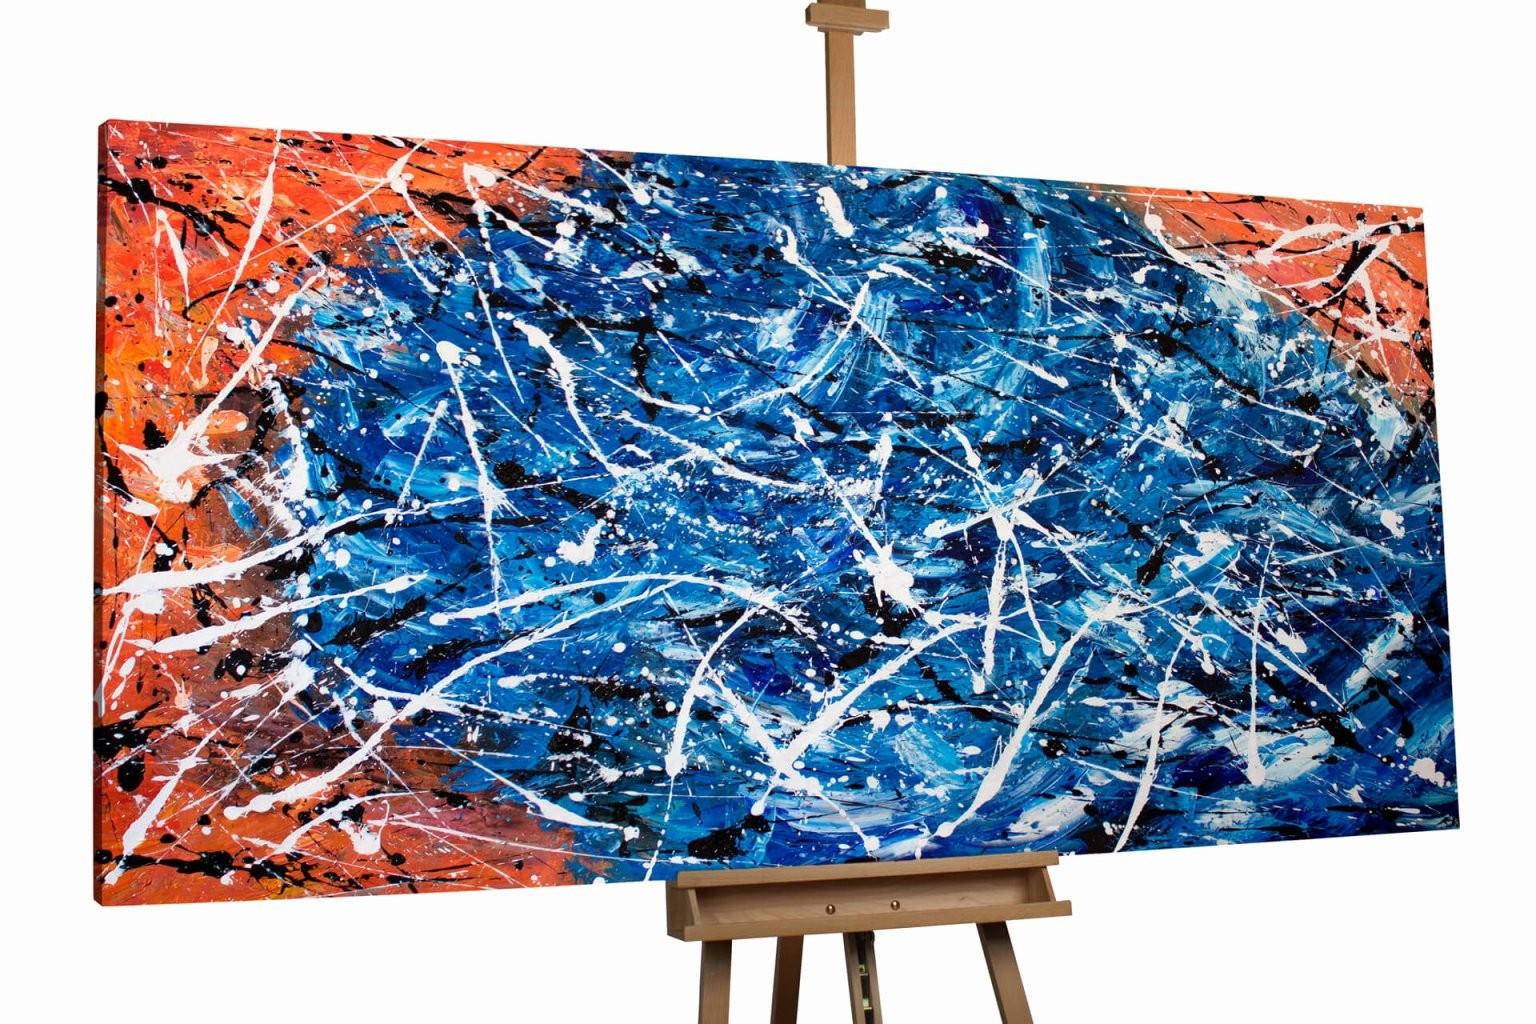 Acrylbilder Abstrakt Selber Malen Typen Xxl Gemälde Abstrakt Mit von Abstrakte Acrylbilder Selber Malen Bild